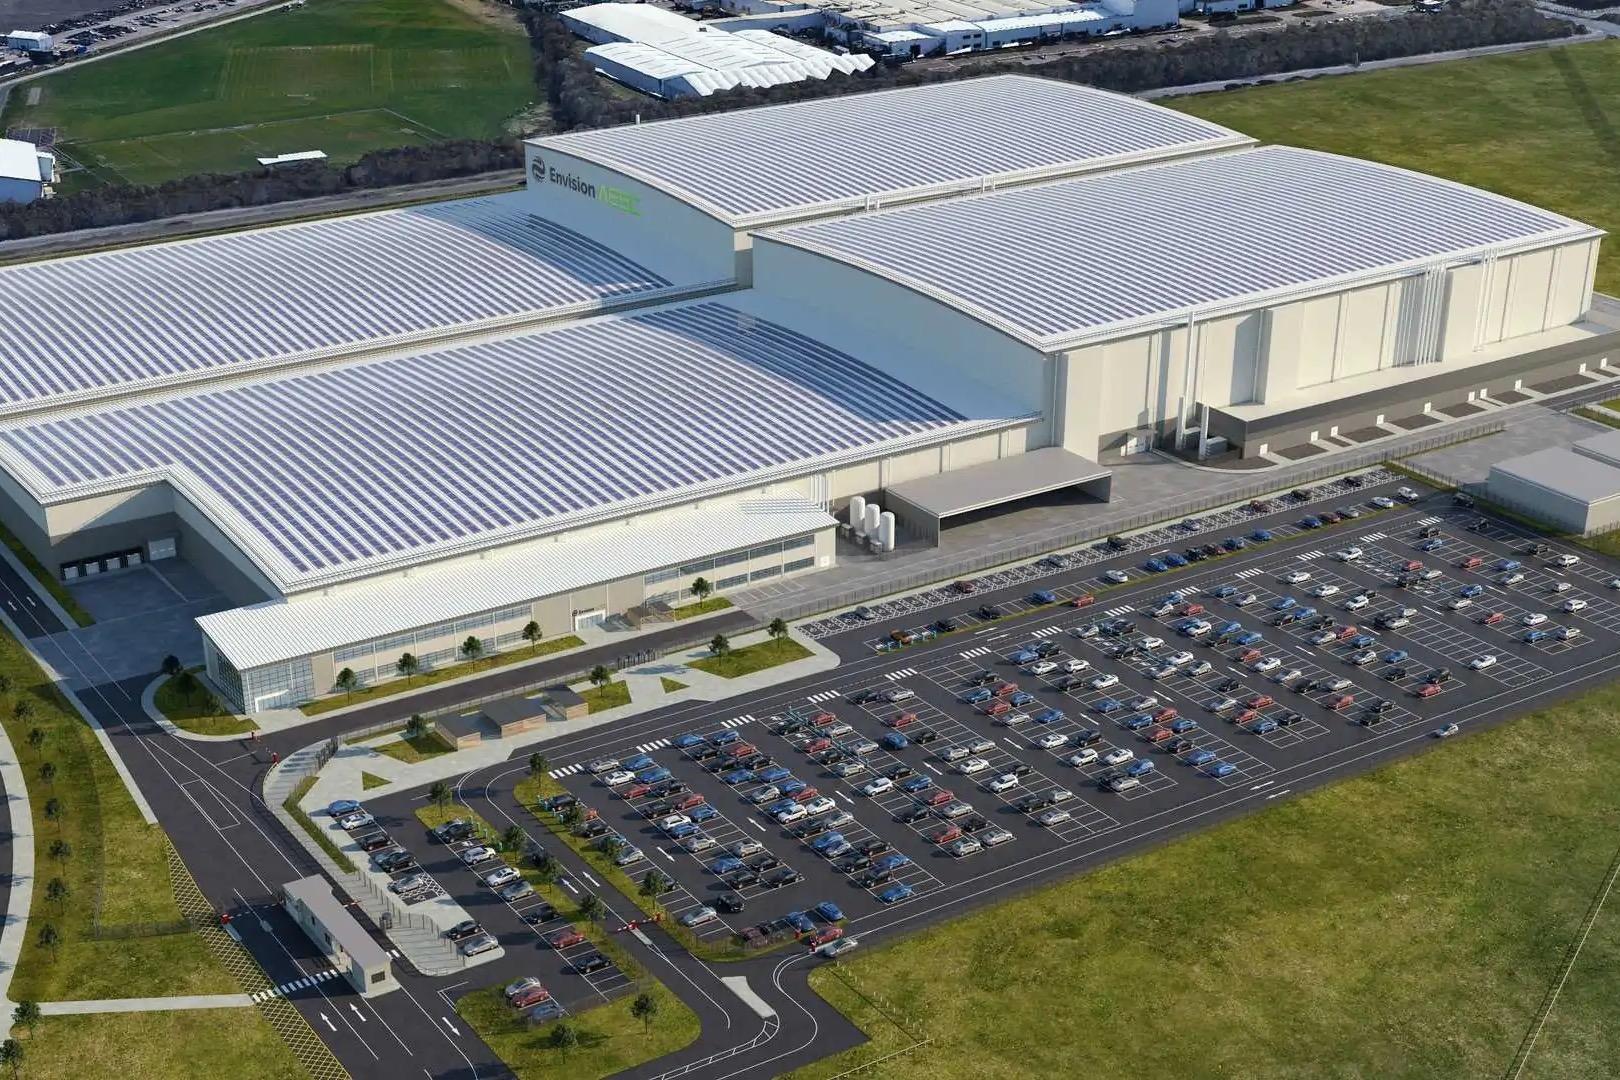 日产将在英国新建超级电池工厂 年产预计达到35GWh